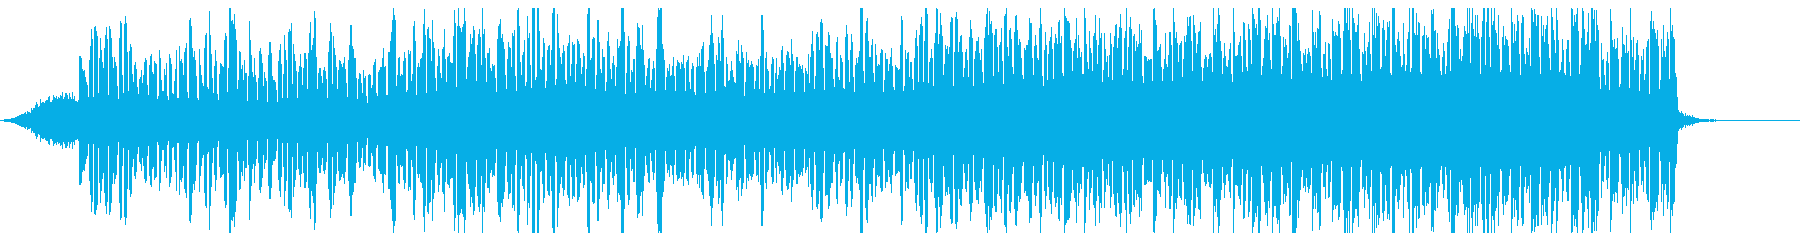 脈動する張力の手がかり。ドキドキす...の再生済みの波形